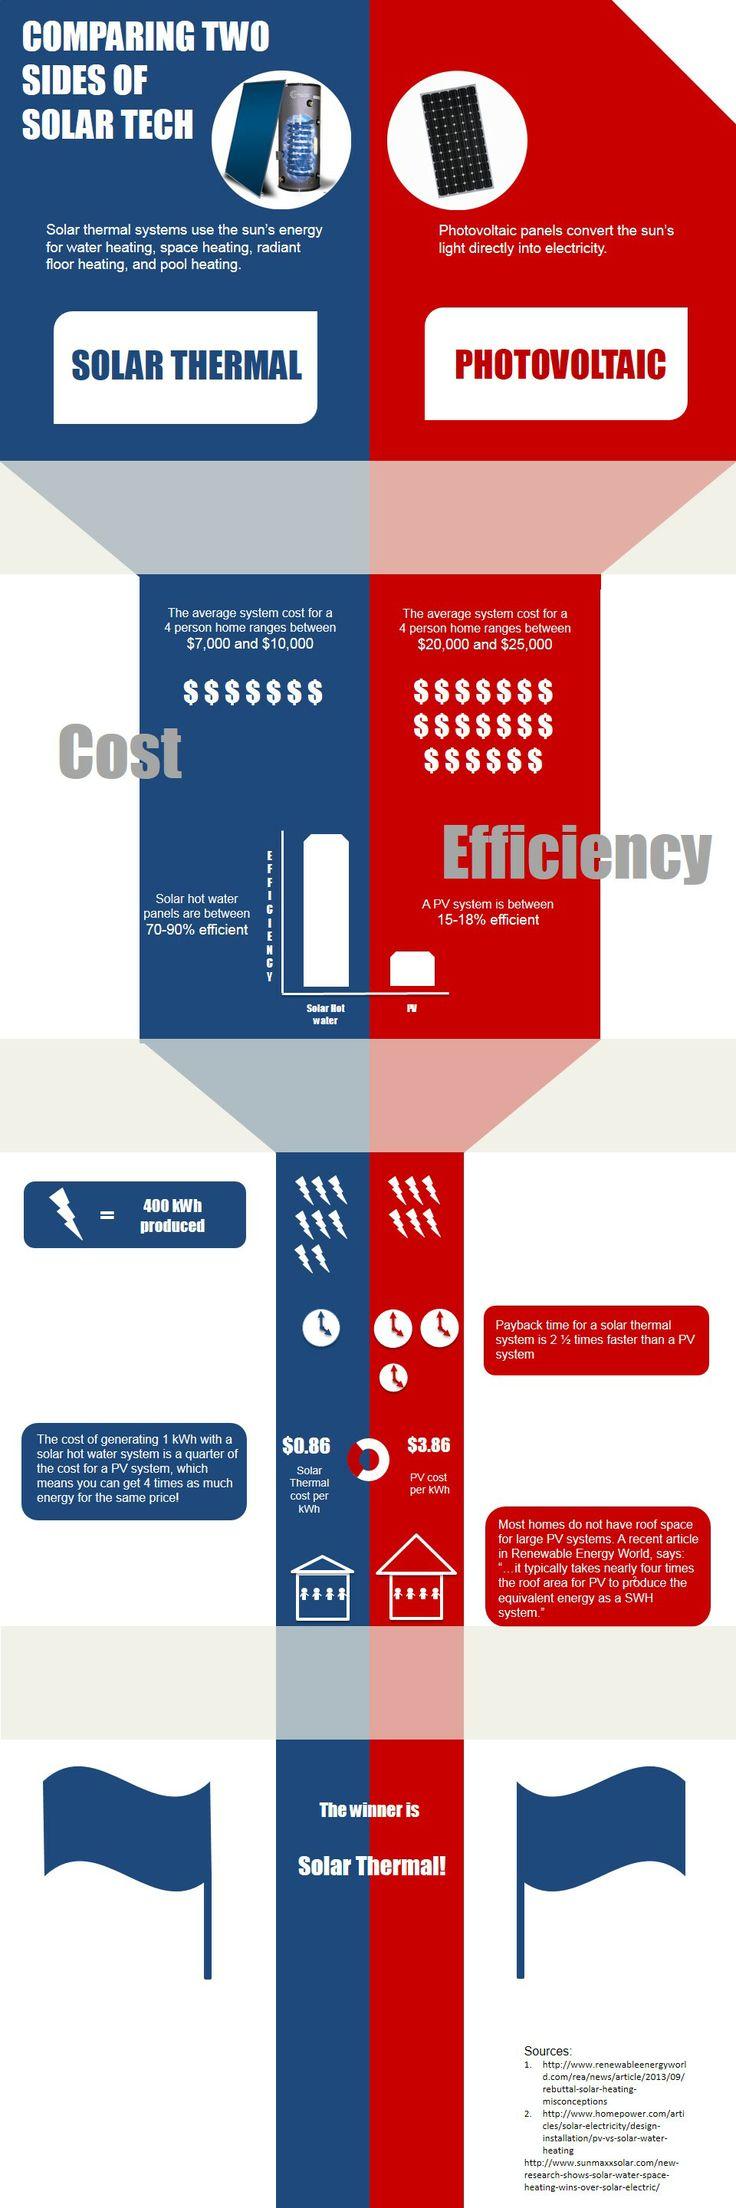 Solar Thermal versus Photo-voltaic (PV)